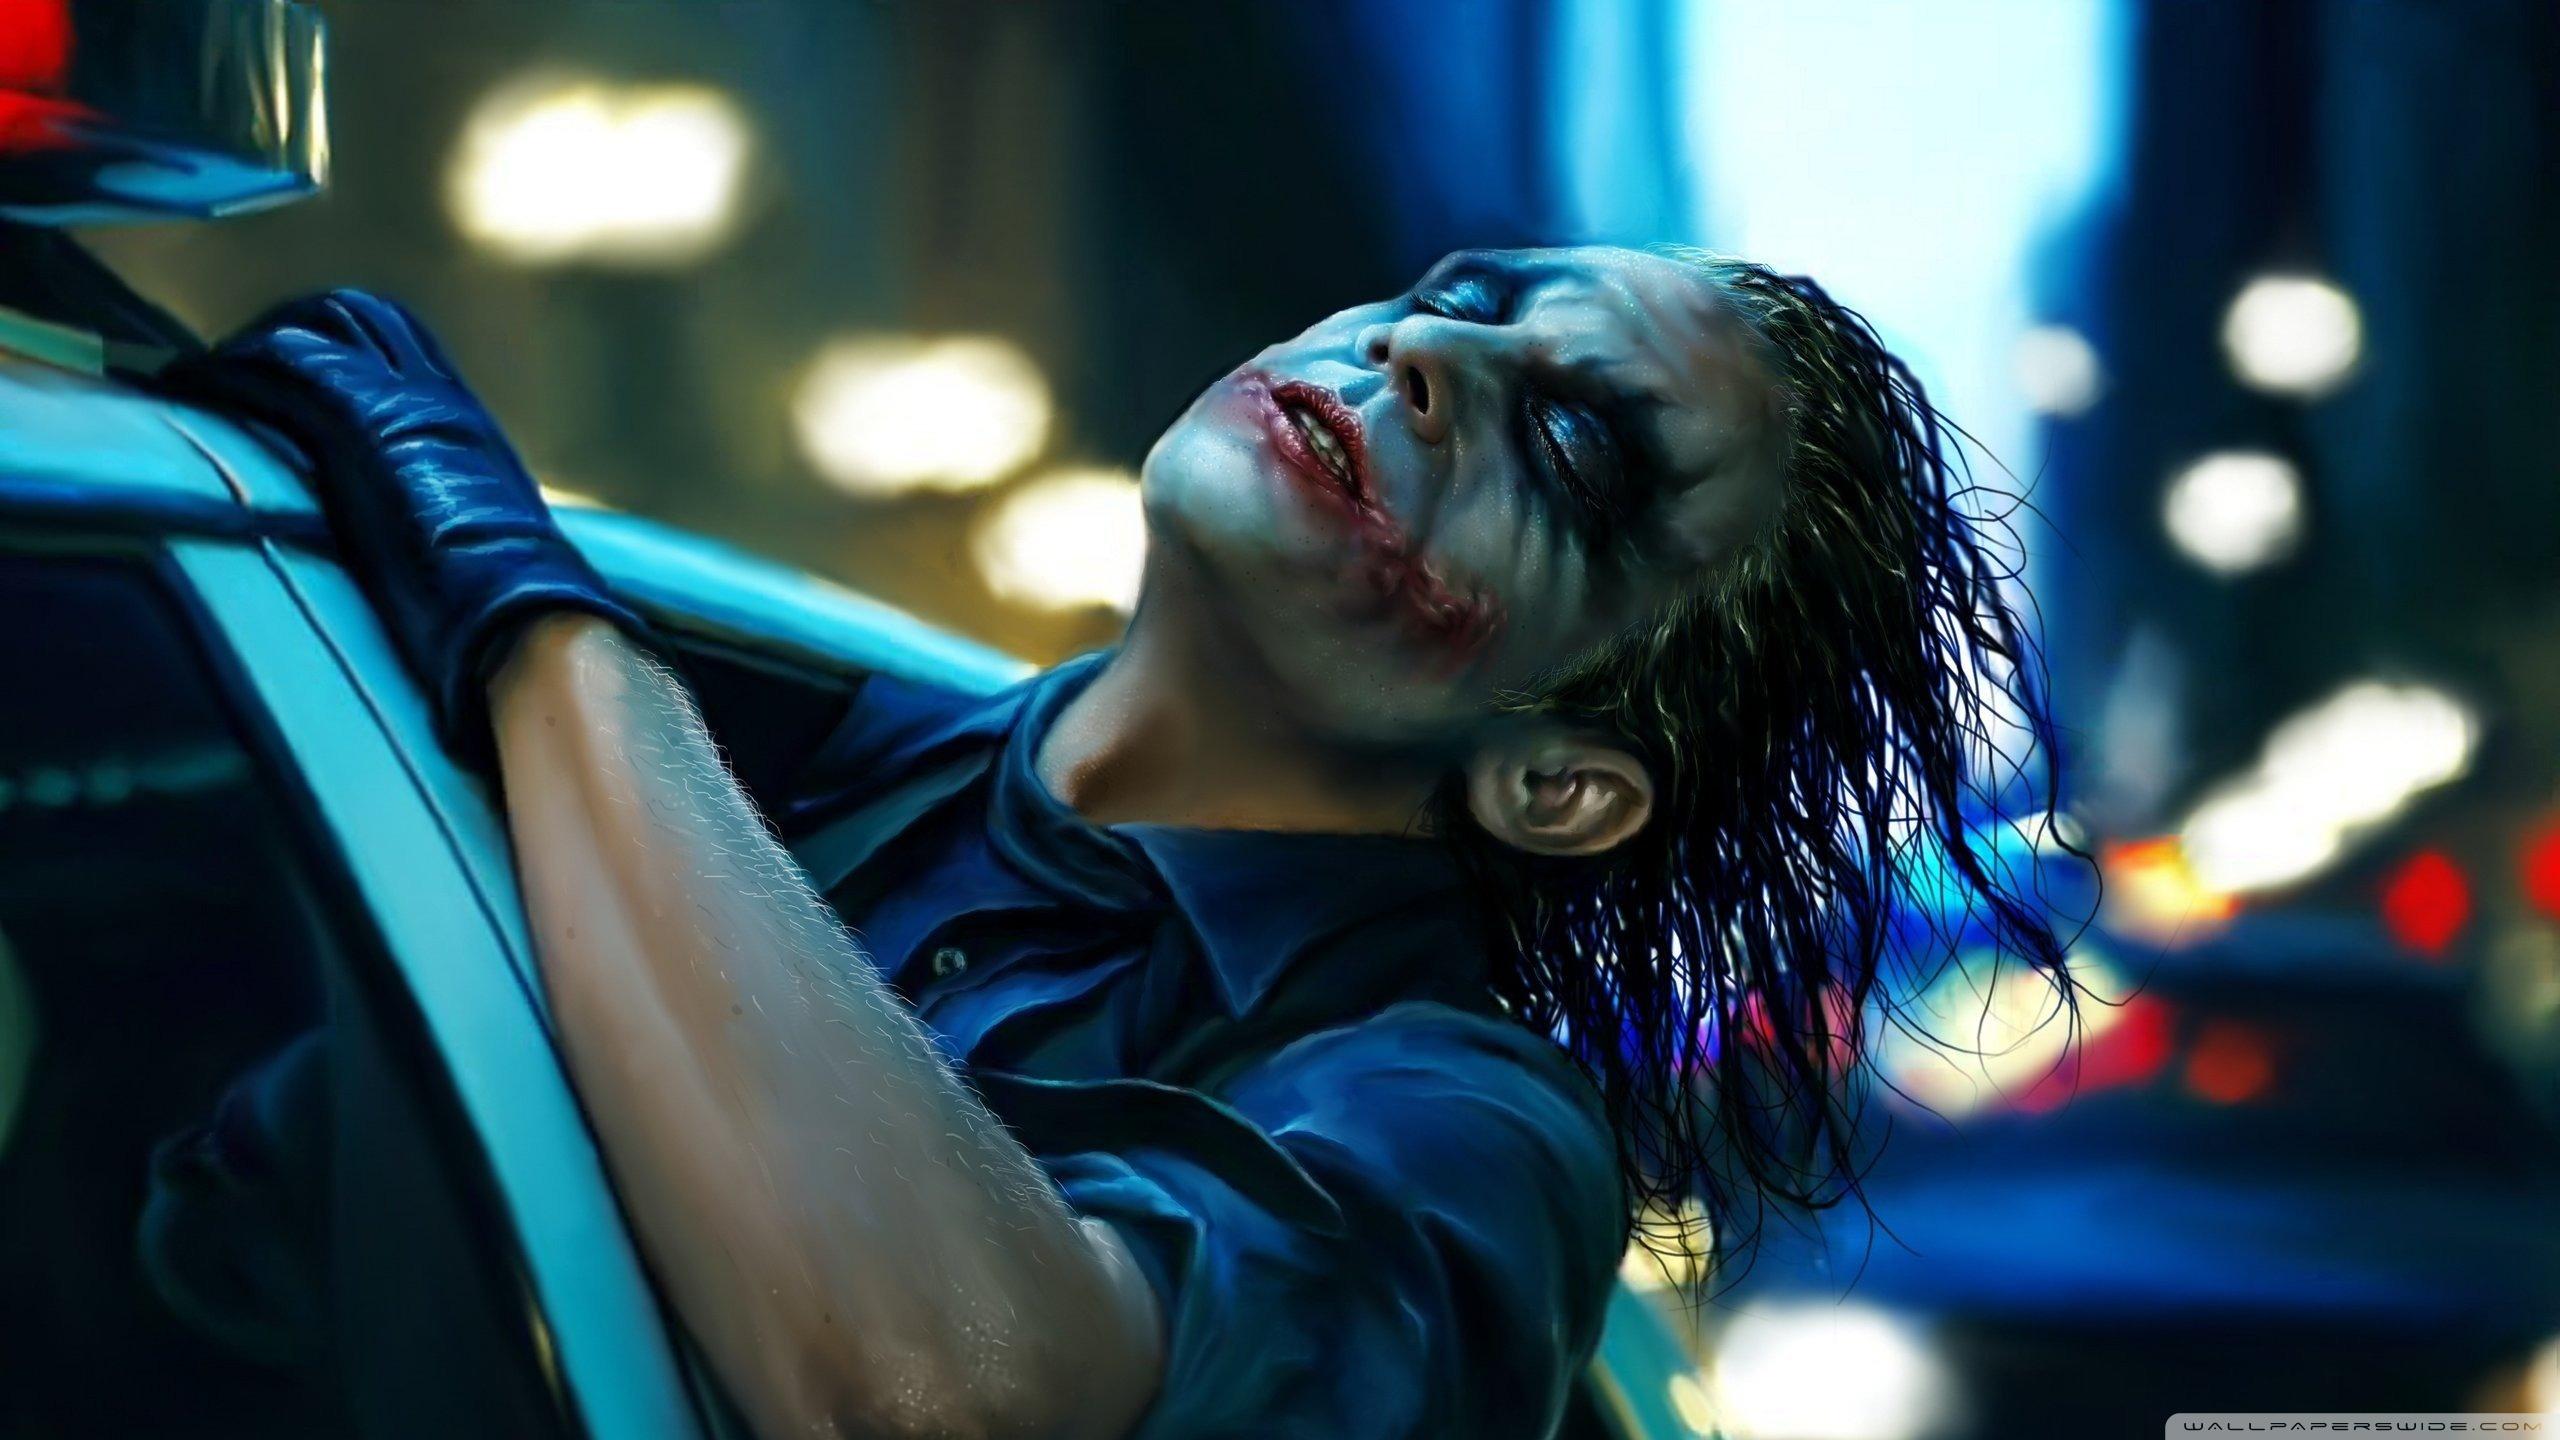 joker hd wallpaper,musician,music artist,music,performance,supervillain